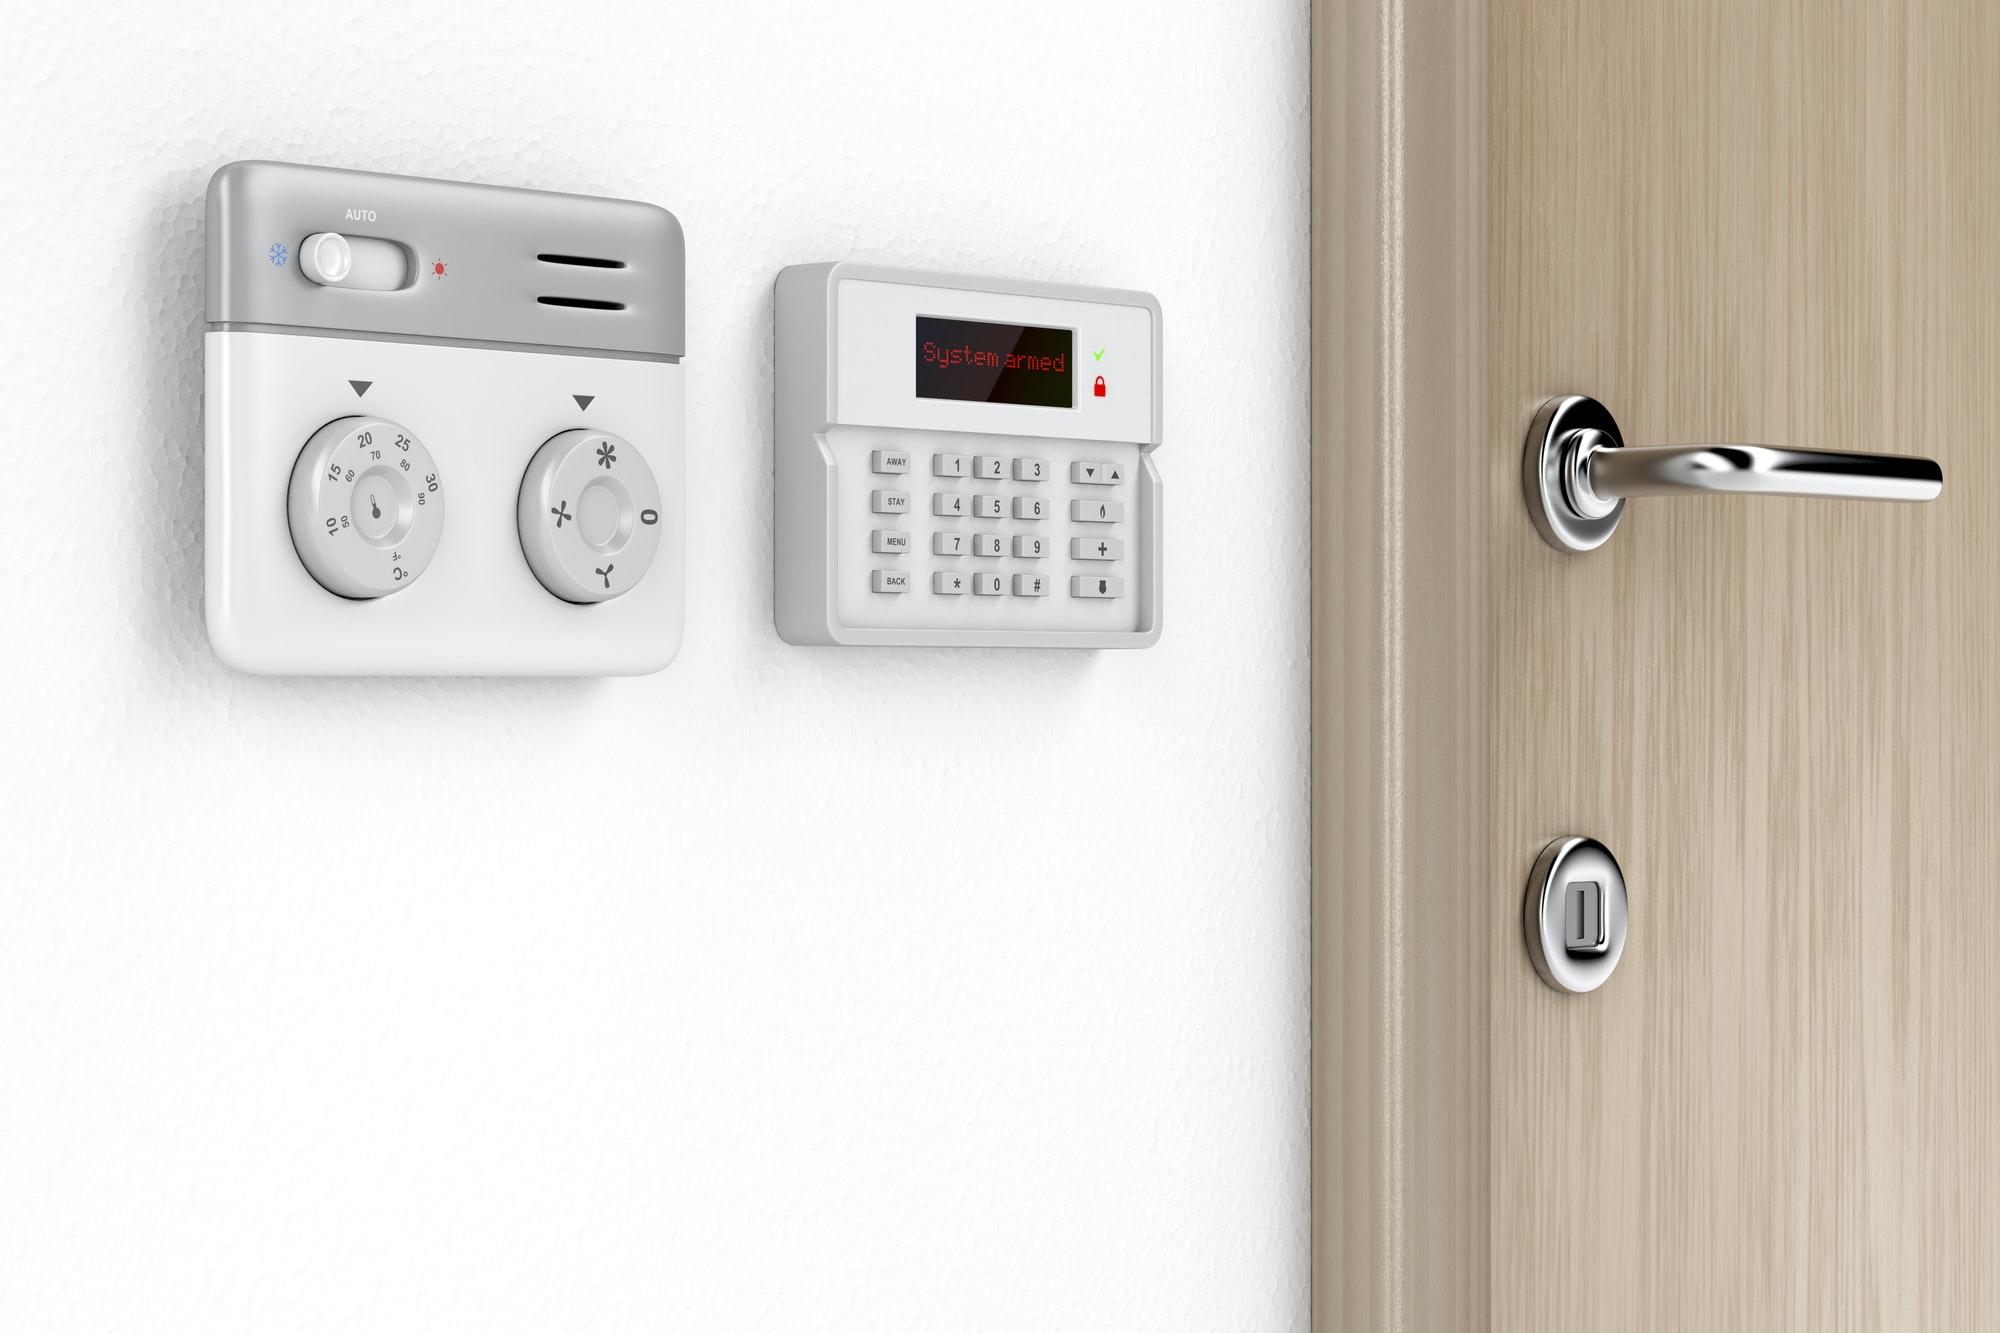 Paneles de control de alarma y temperatura ambiente